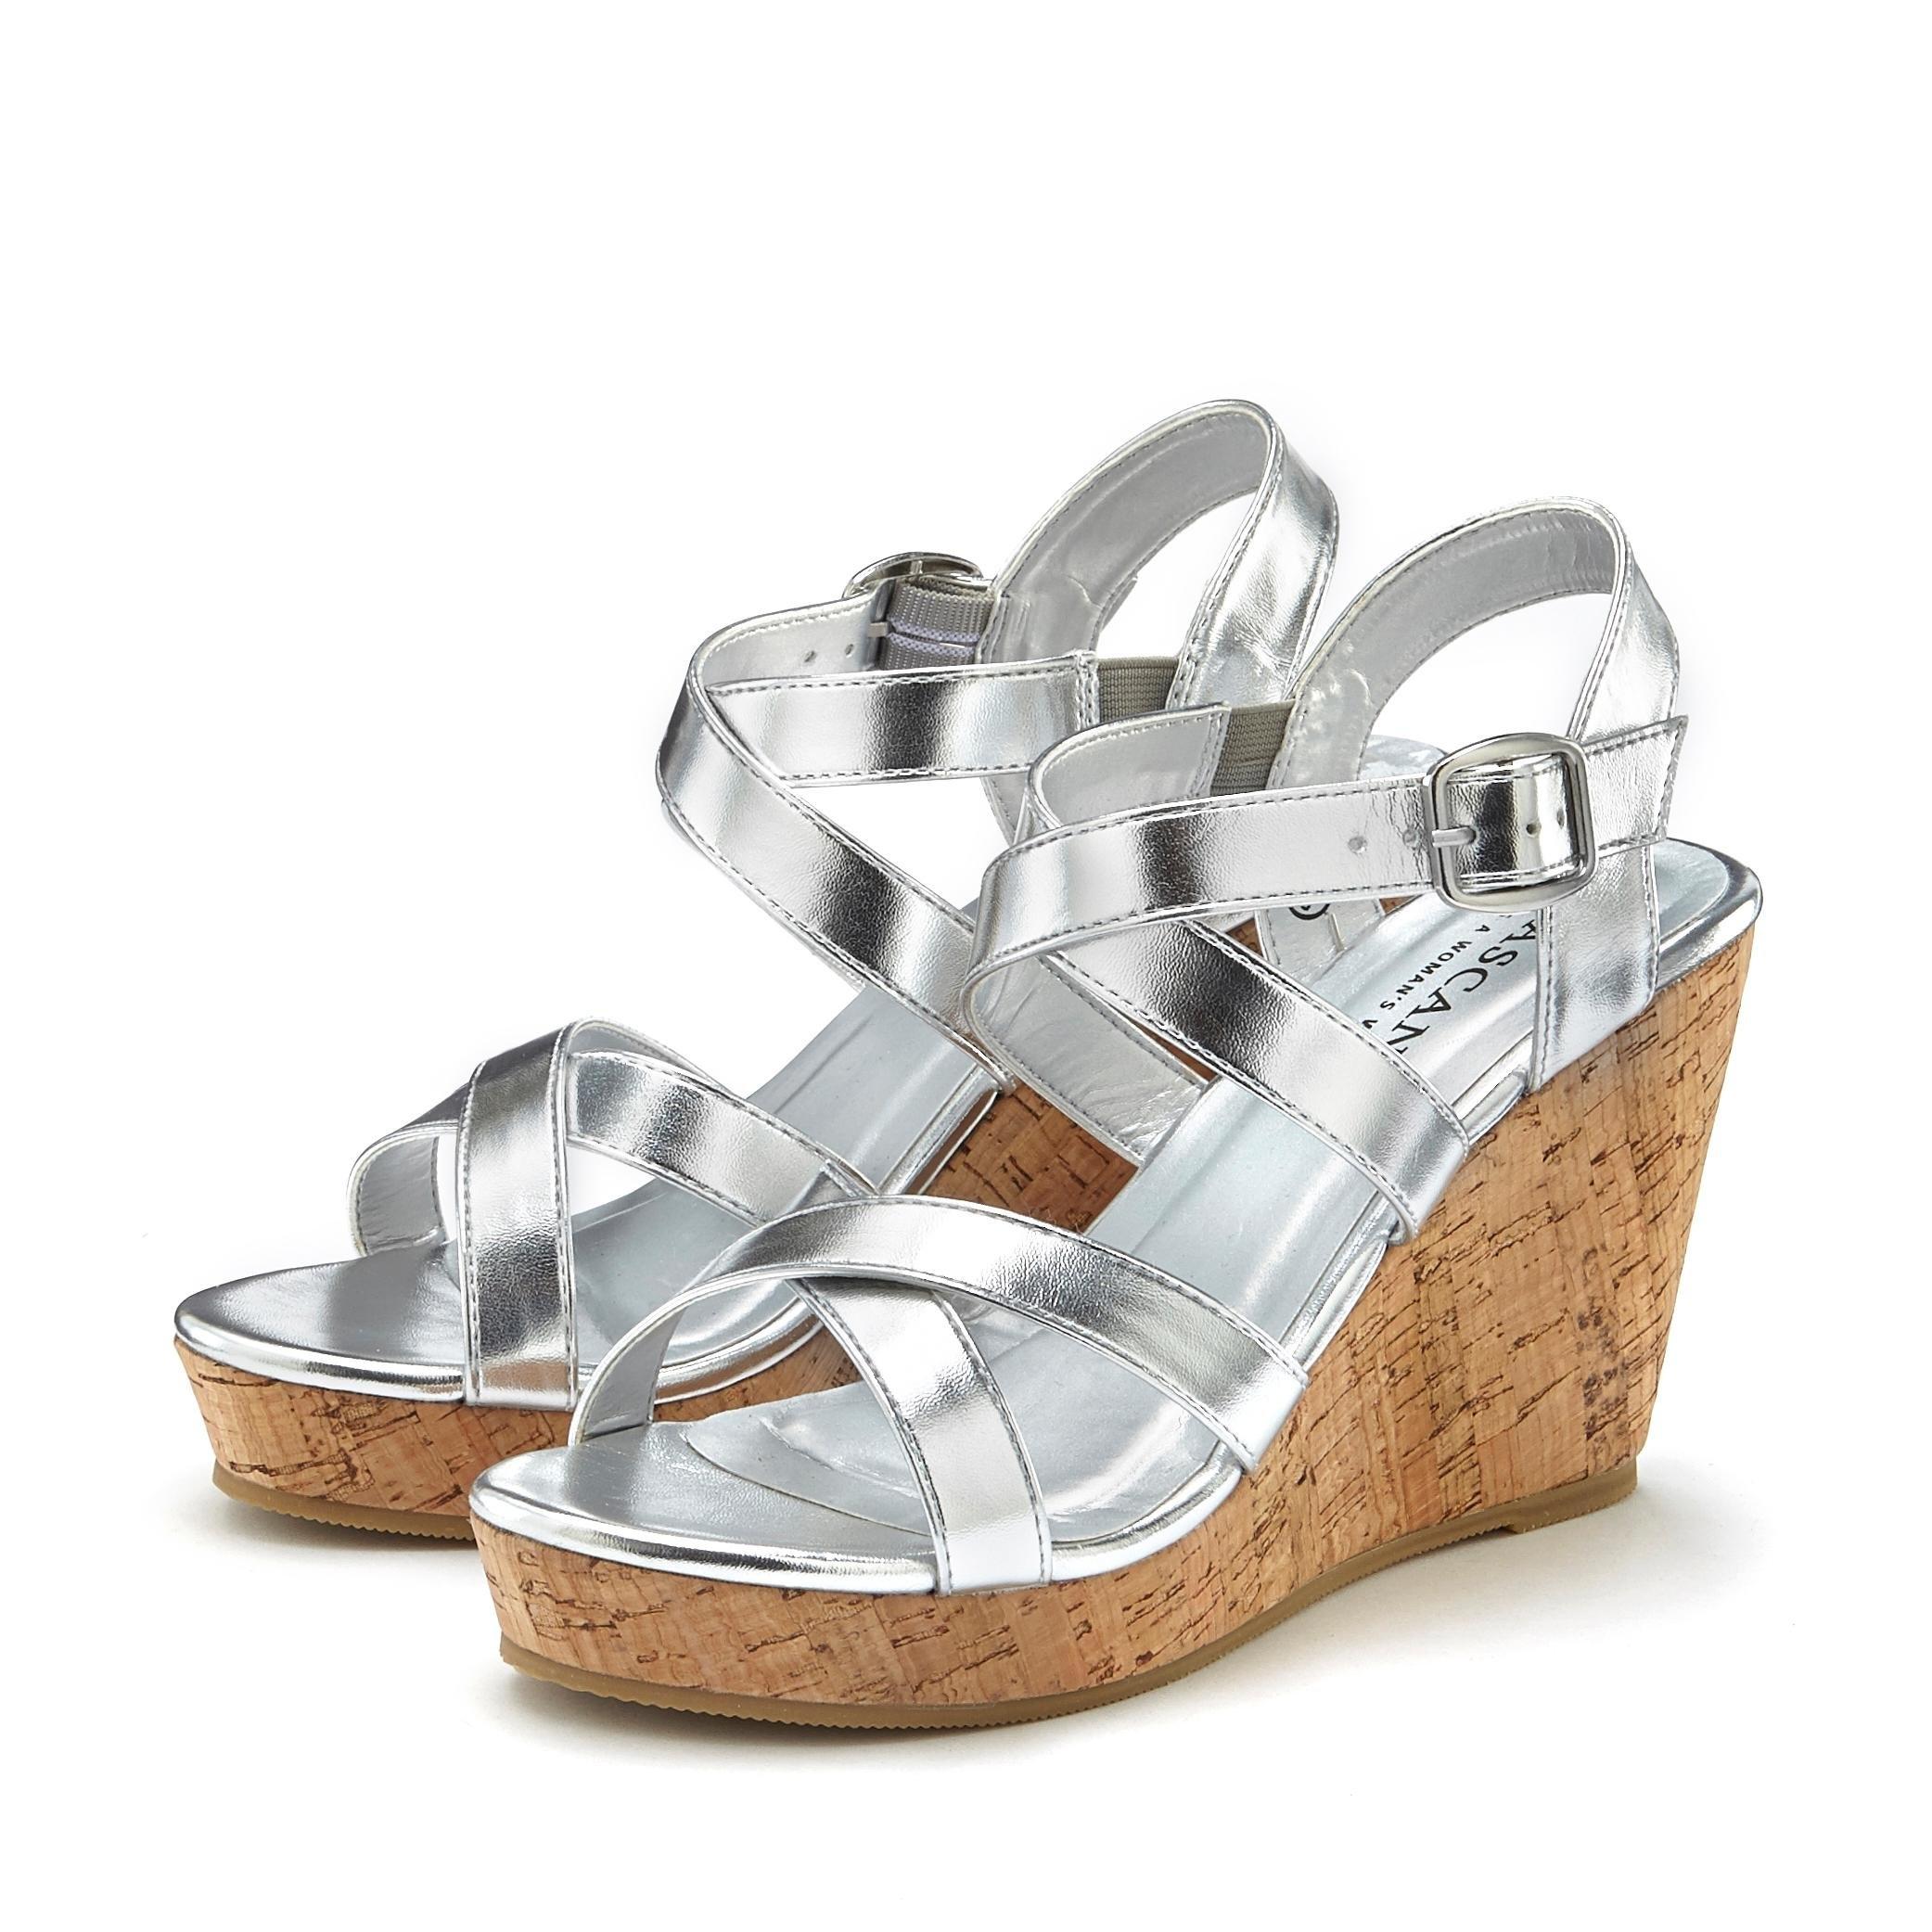 LASCANA sandaaltjes met sleehak en in metallic-look - verschillende betaalmethodes